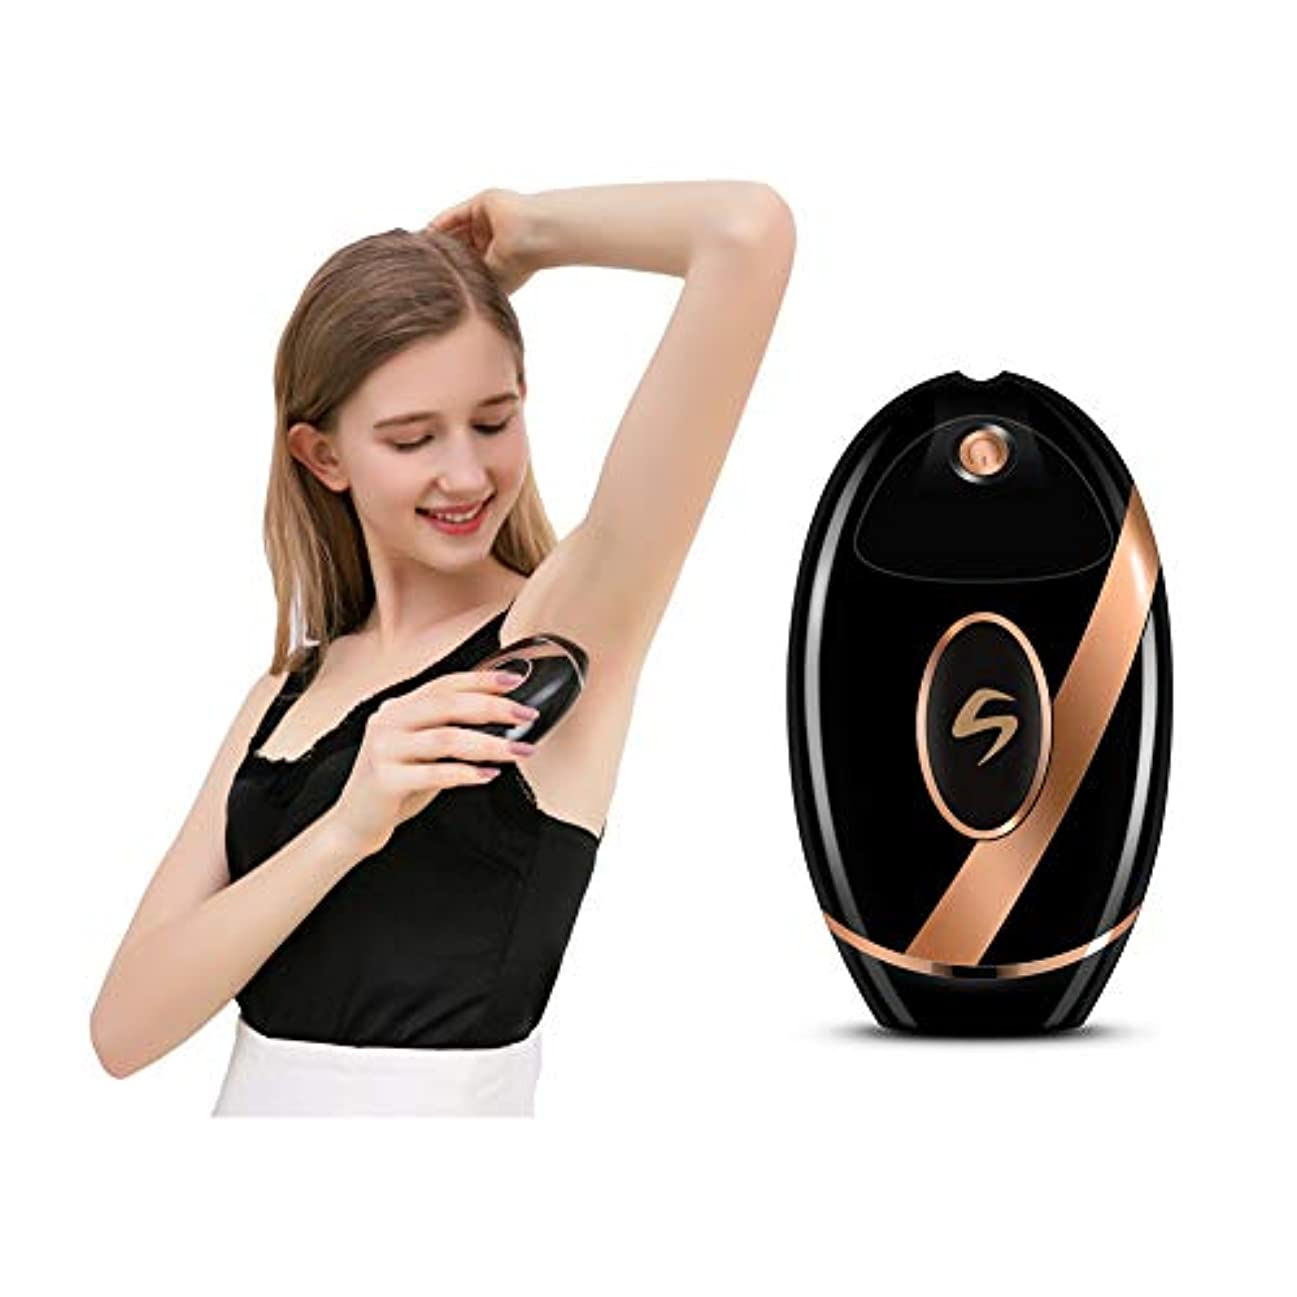 名目上のキャンセル統合する脱毛システム、350,000点滅家庭での顔と体の永久的な脱毛装置、レディースシェーバー、メガネ付き